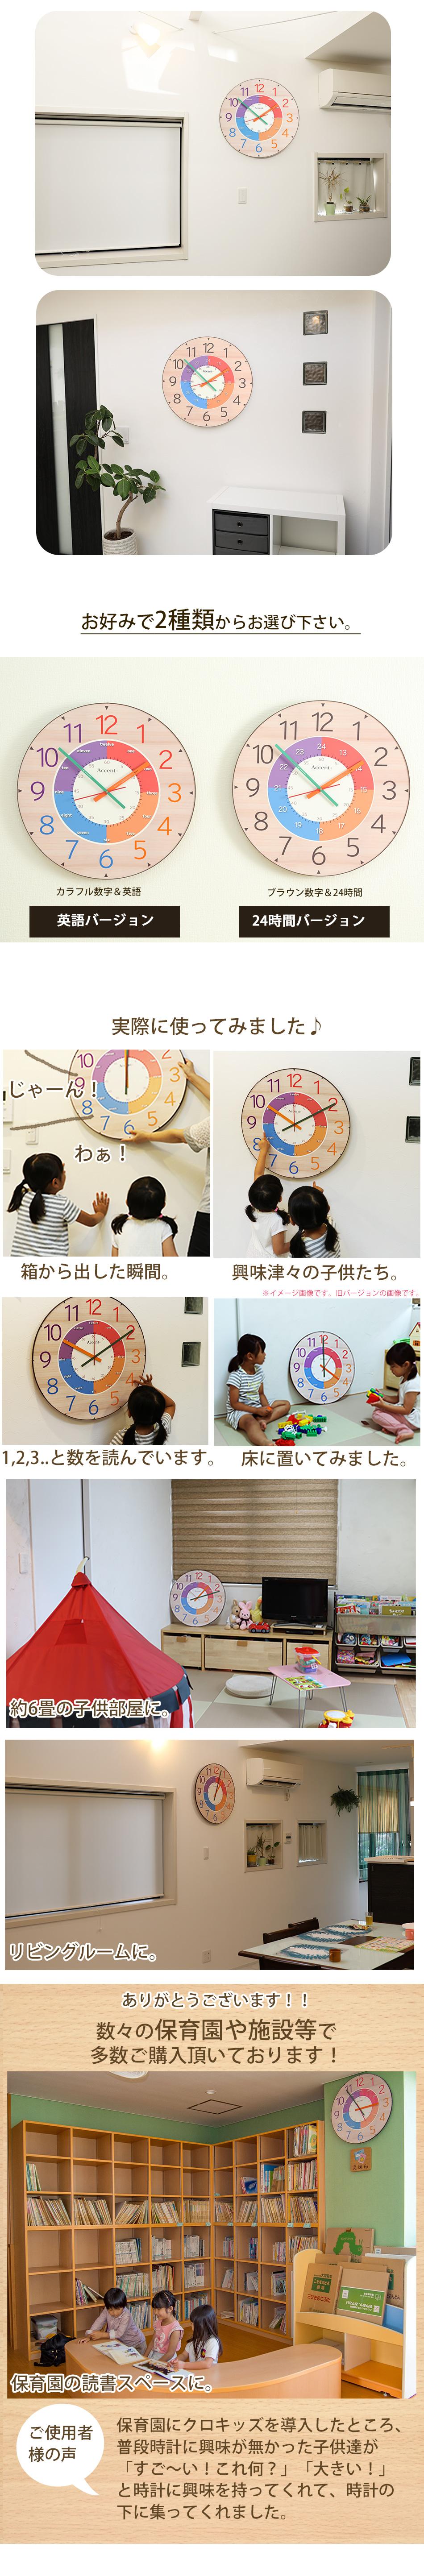 クロック ウォールクロック 壁掛時計 壁掛け時計 その他 大型掛け時計 知育時計 1